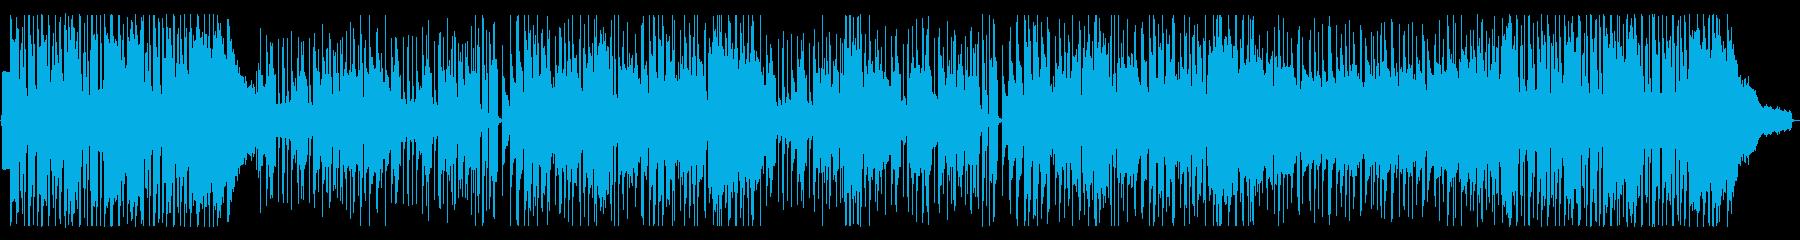 生サックス 楽しげなポップフュージョンの再生済みの波形